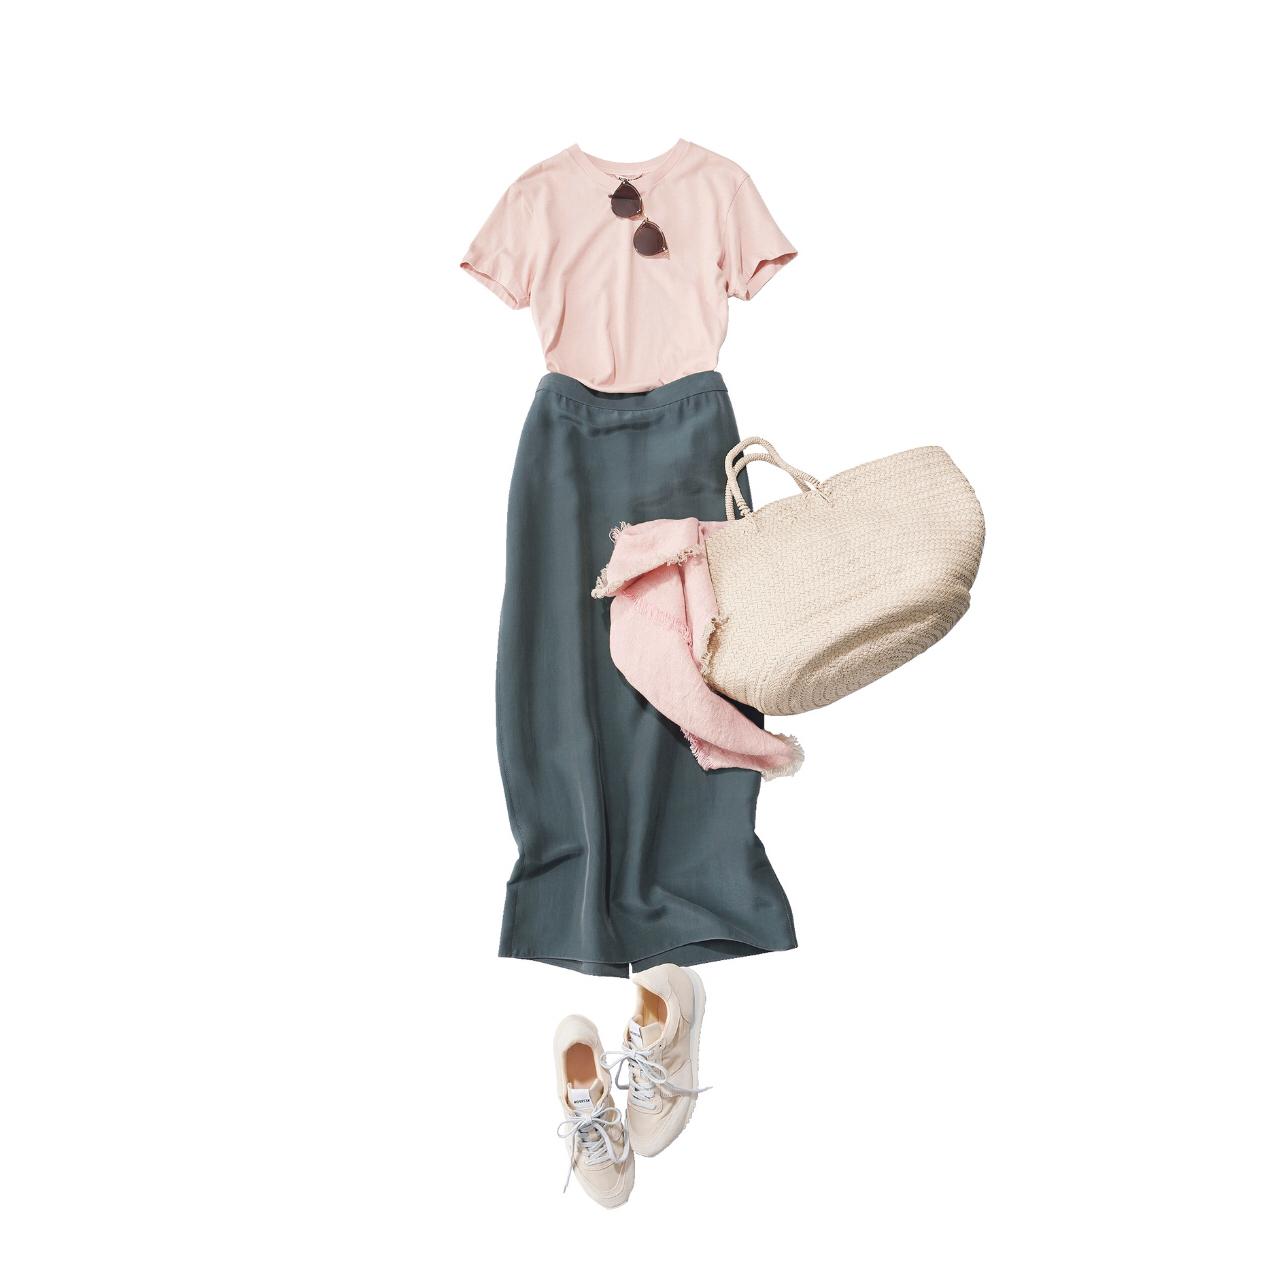 【スニーカーでおしゃれに見せるコツまとめ】アラフォーの2021夏 スニーカーコーデ実例|40代ファッション_1_19